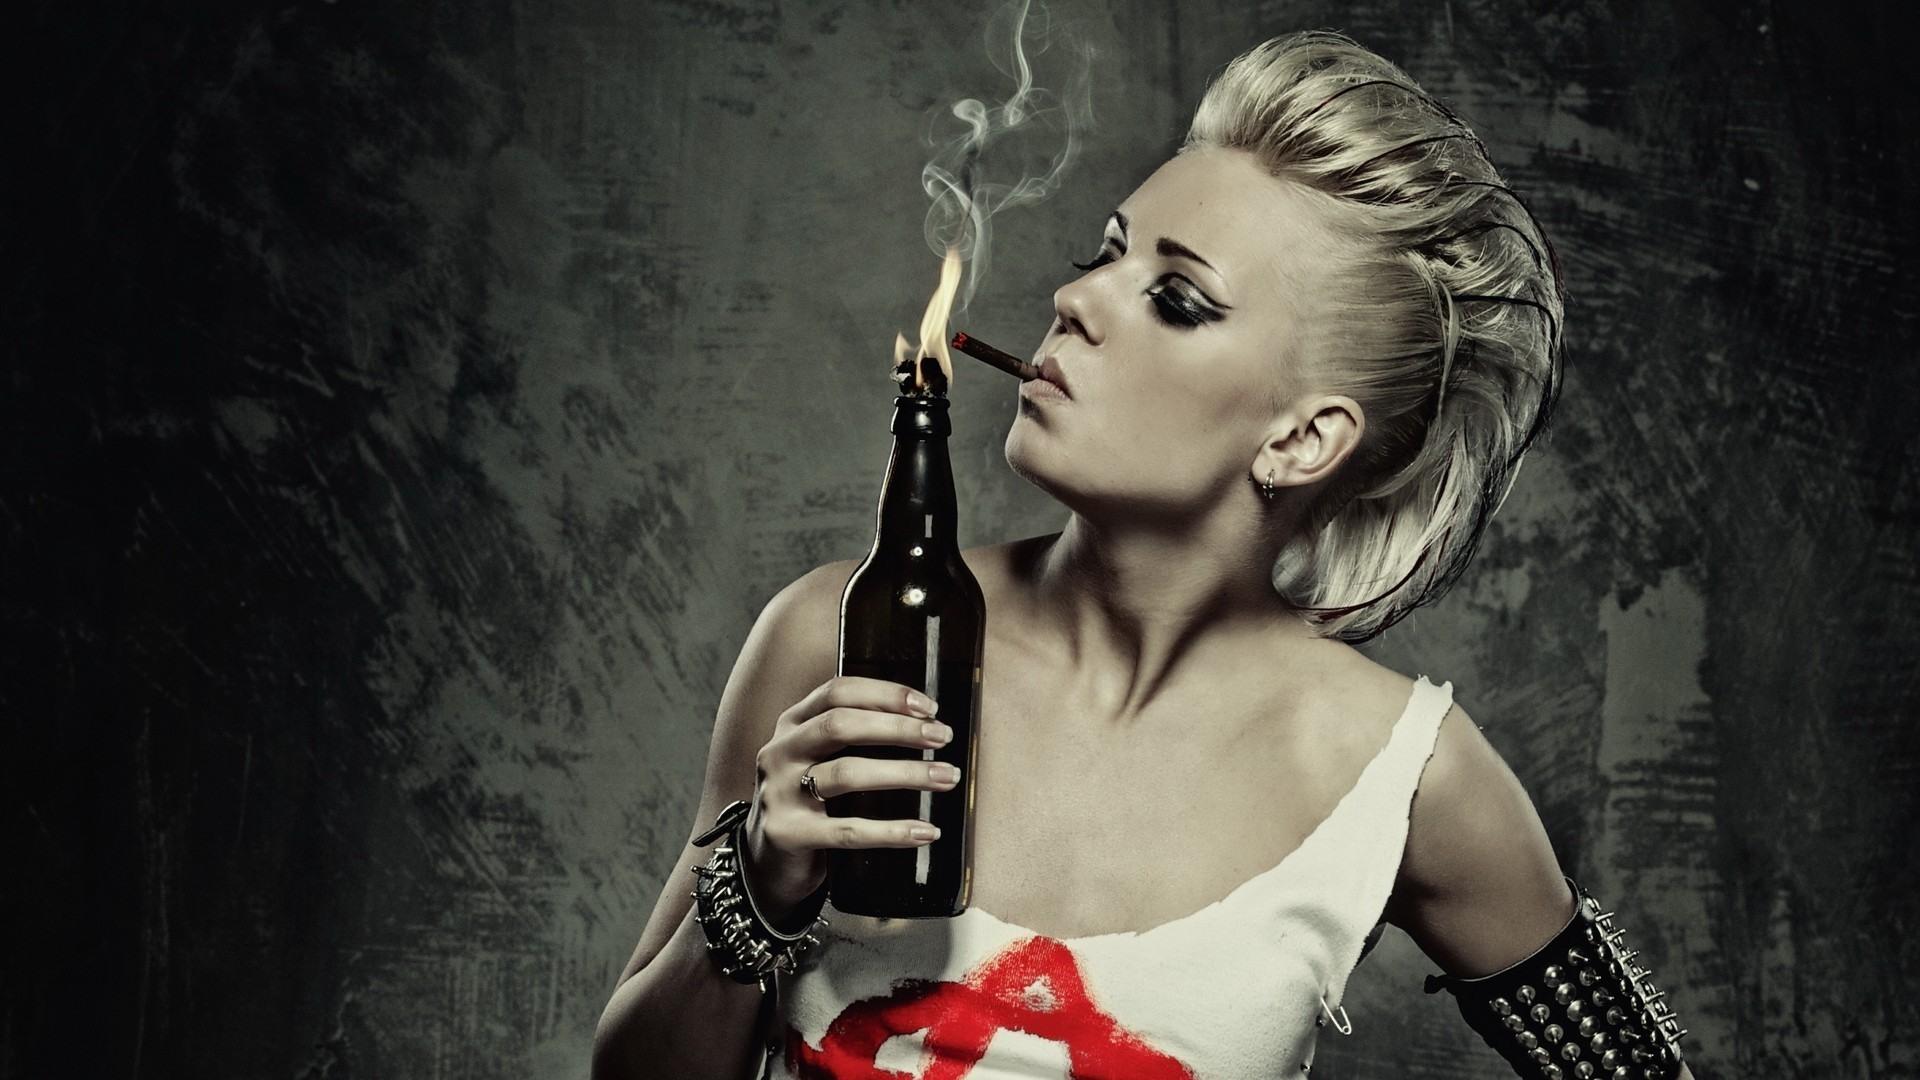 https://img2.badfon.ru/original/1920x1080/6/52/devushka-sigareta-plamya.jpg